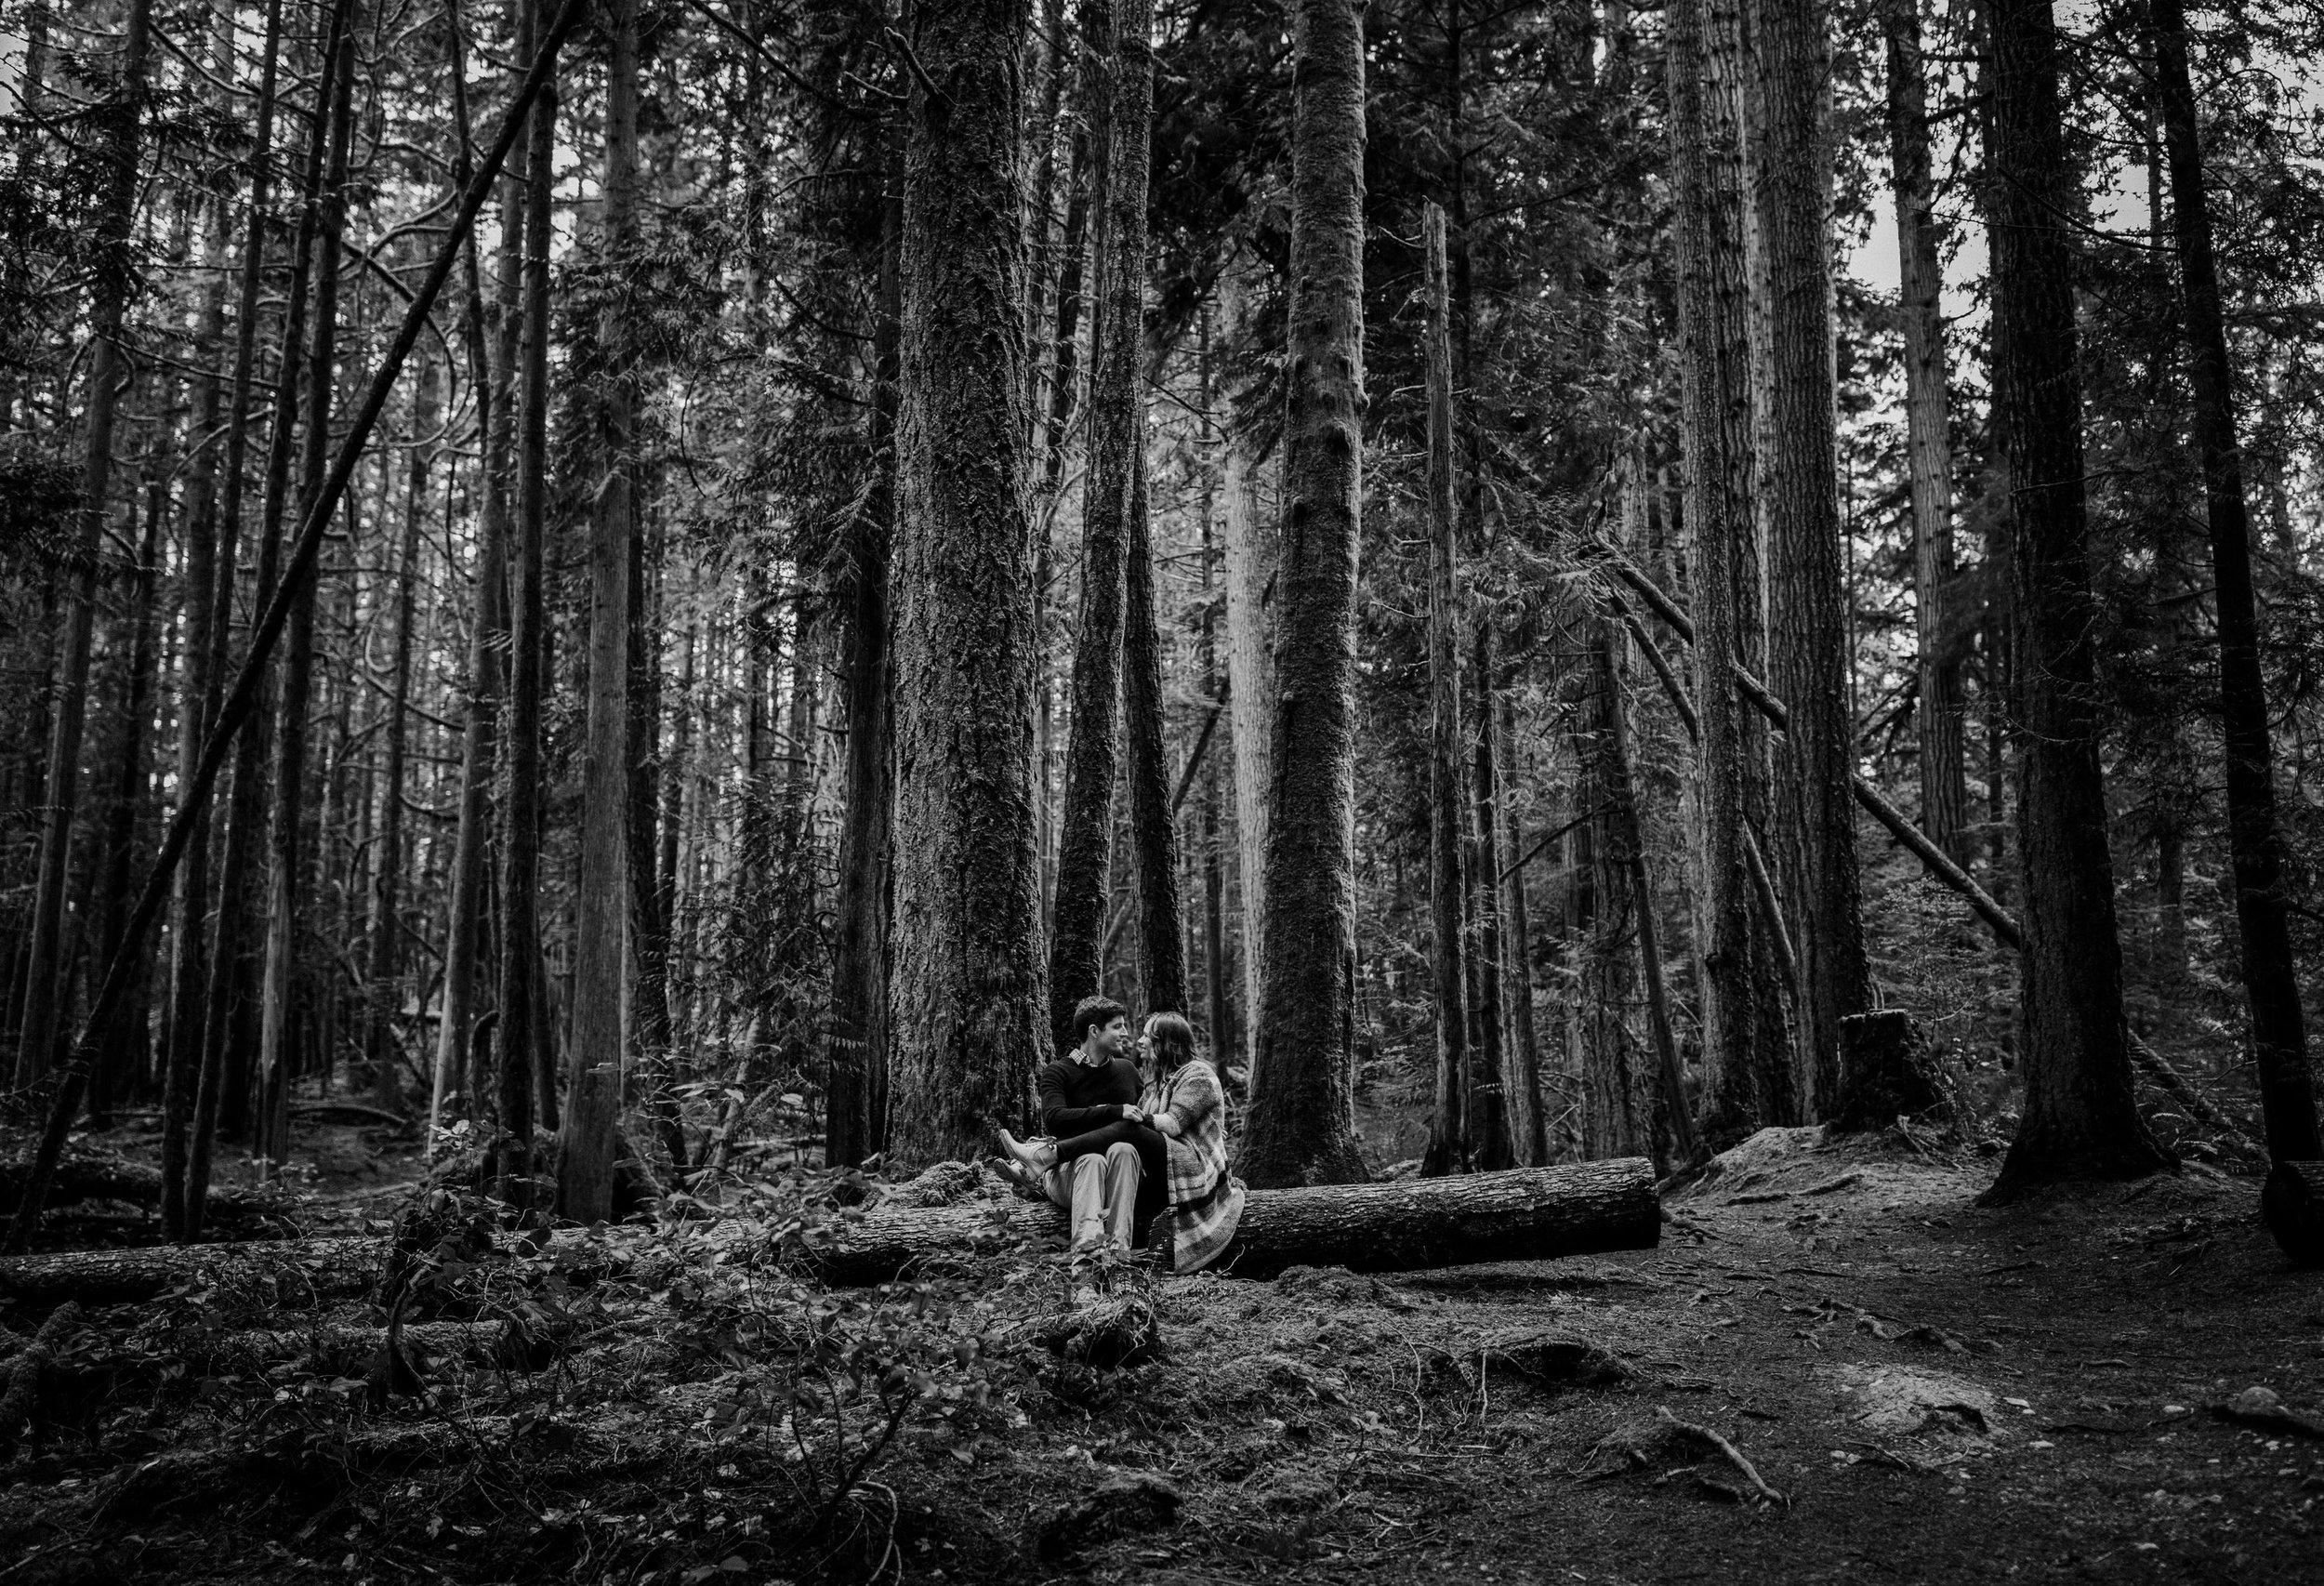 Forest Engagement Photos - Sunshine Coast BC Engagement Photos -  Sunshine Coast Wedding Photographer - Vancouver Wedding Photographer - Jennifer Picard413.JPG